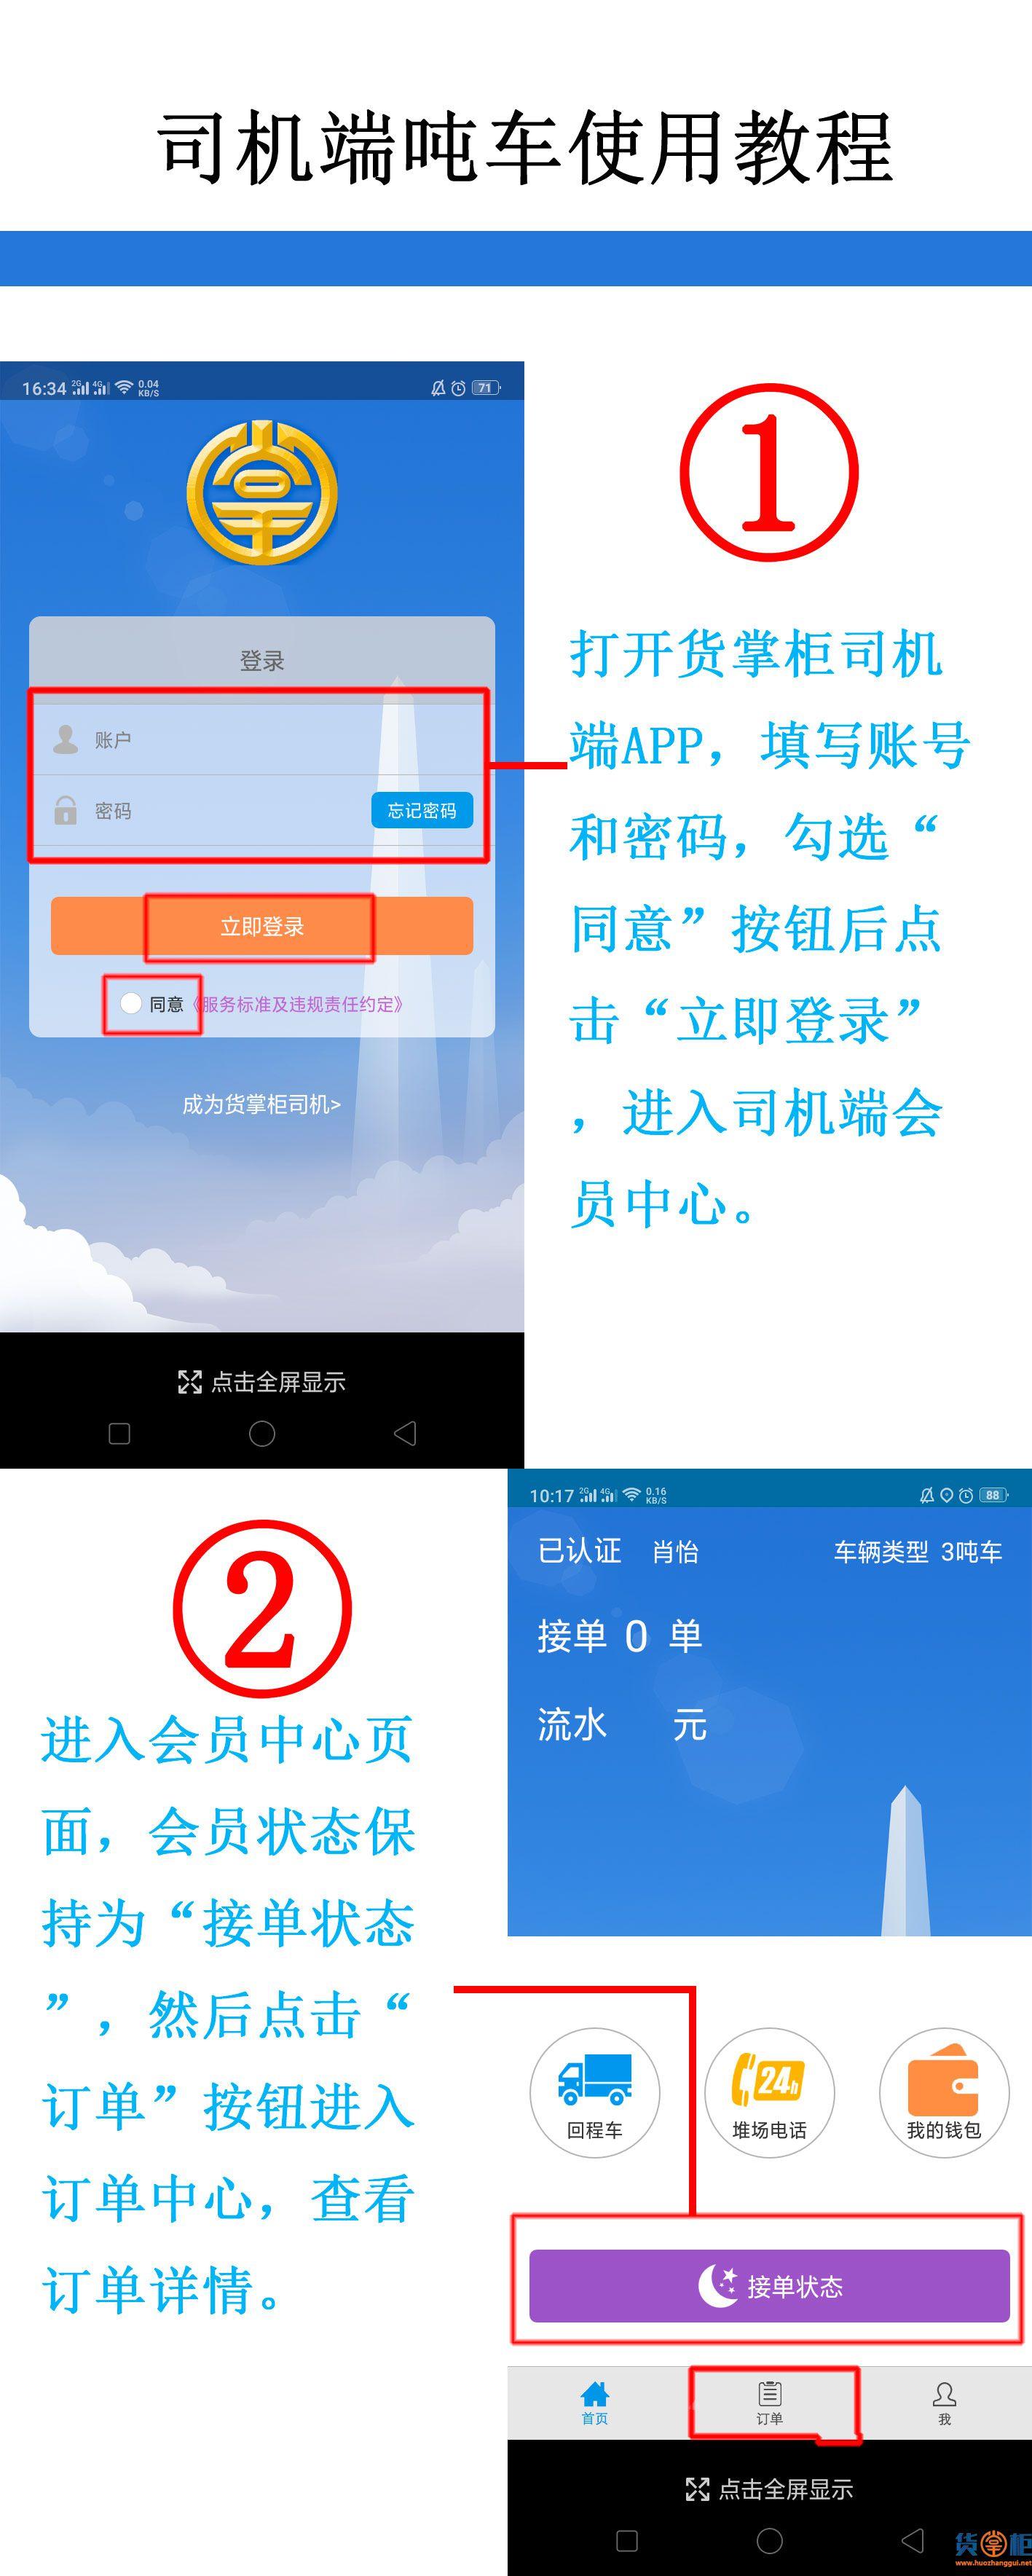 货掌柜APP吨车司机端操作流程-货掌柜www.huozhanggui.net